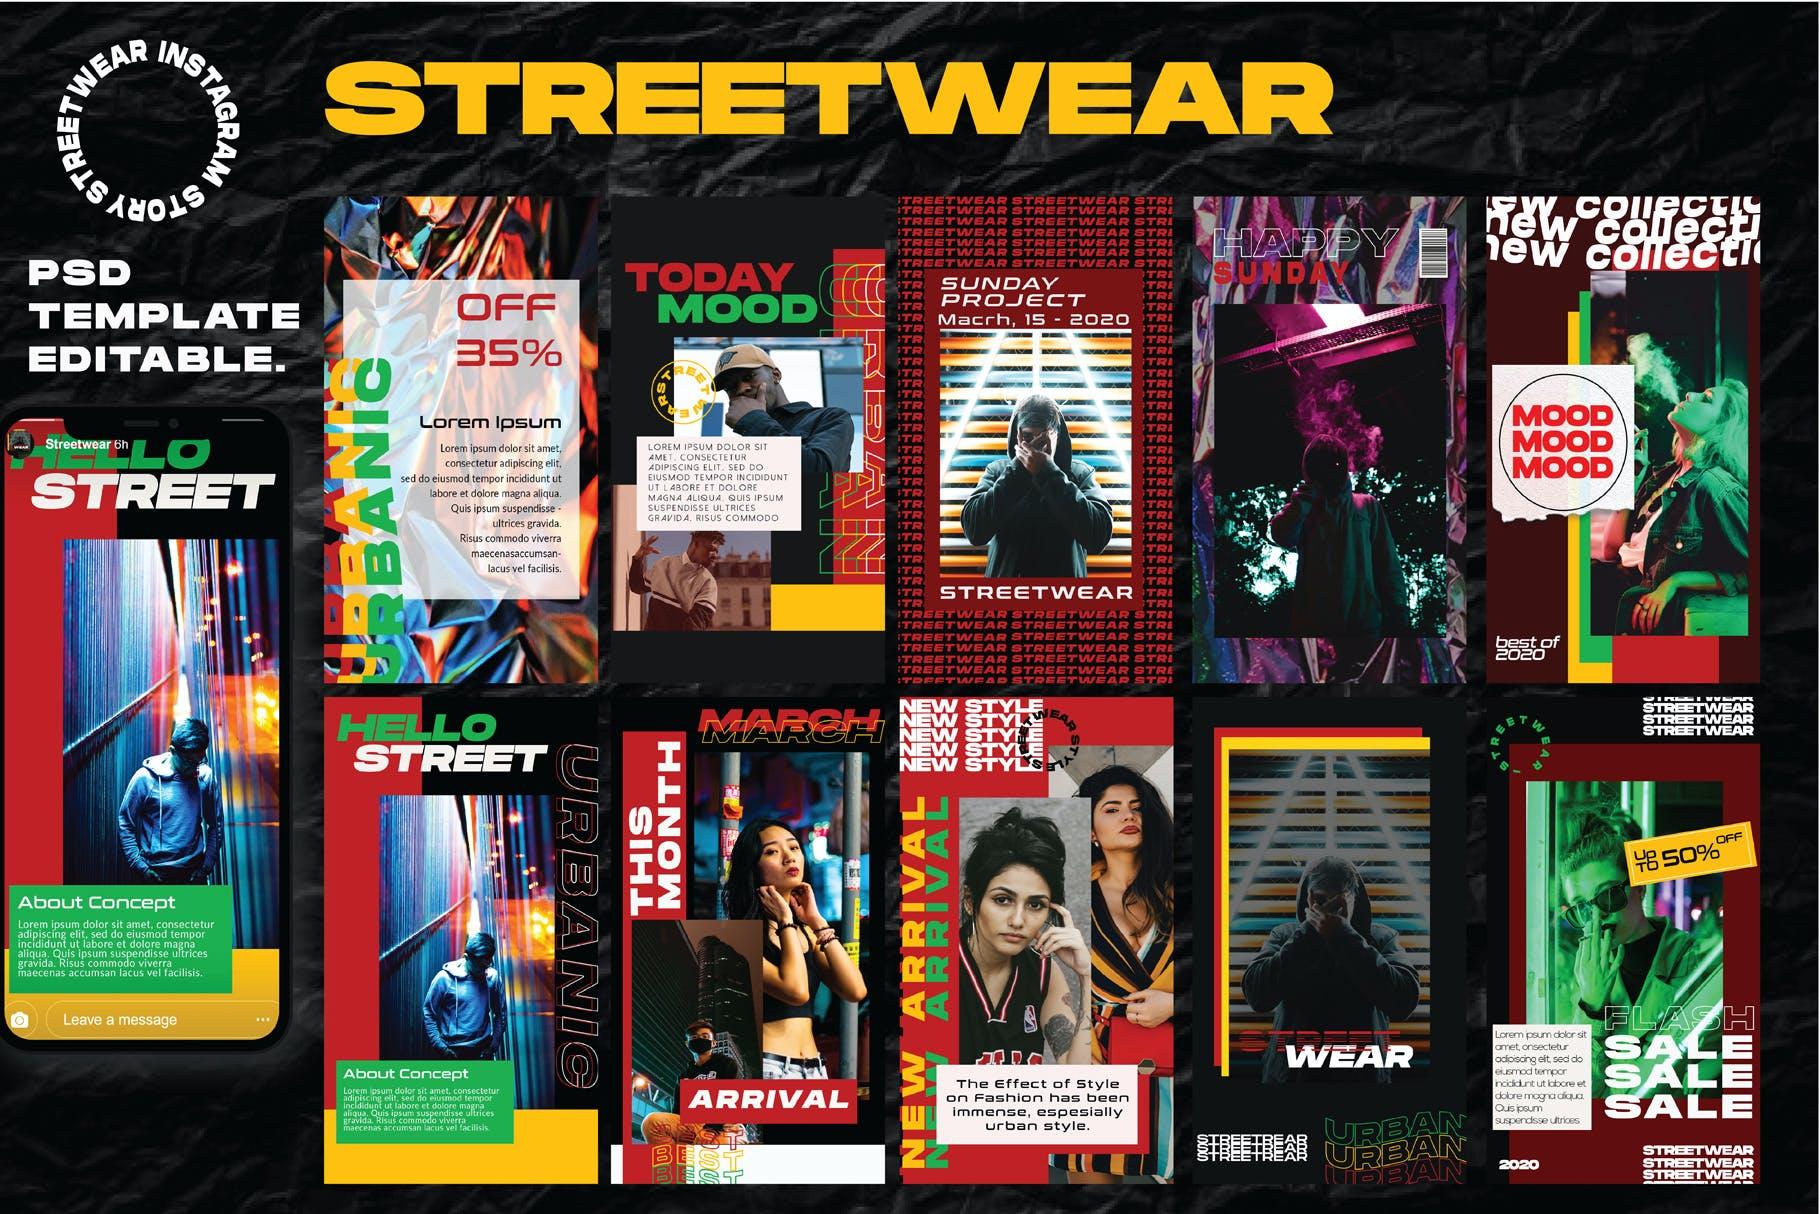 潮流街头潮牌推广新媒体电商海报设计模板 Streetwear – Instagram Post And Stories插图(3)